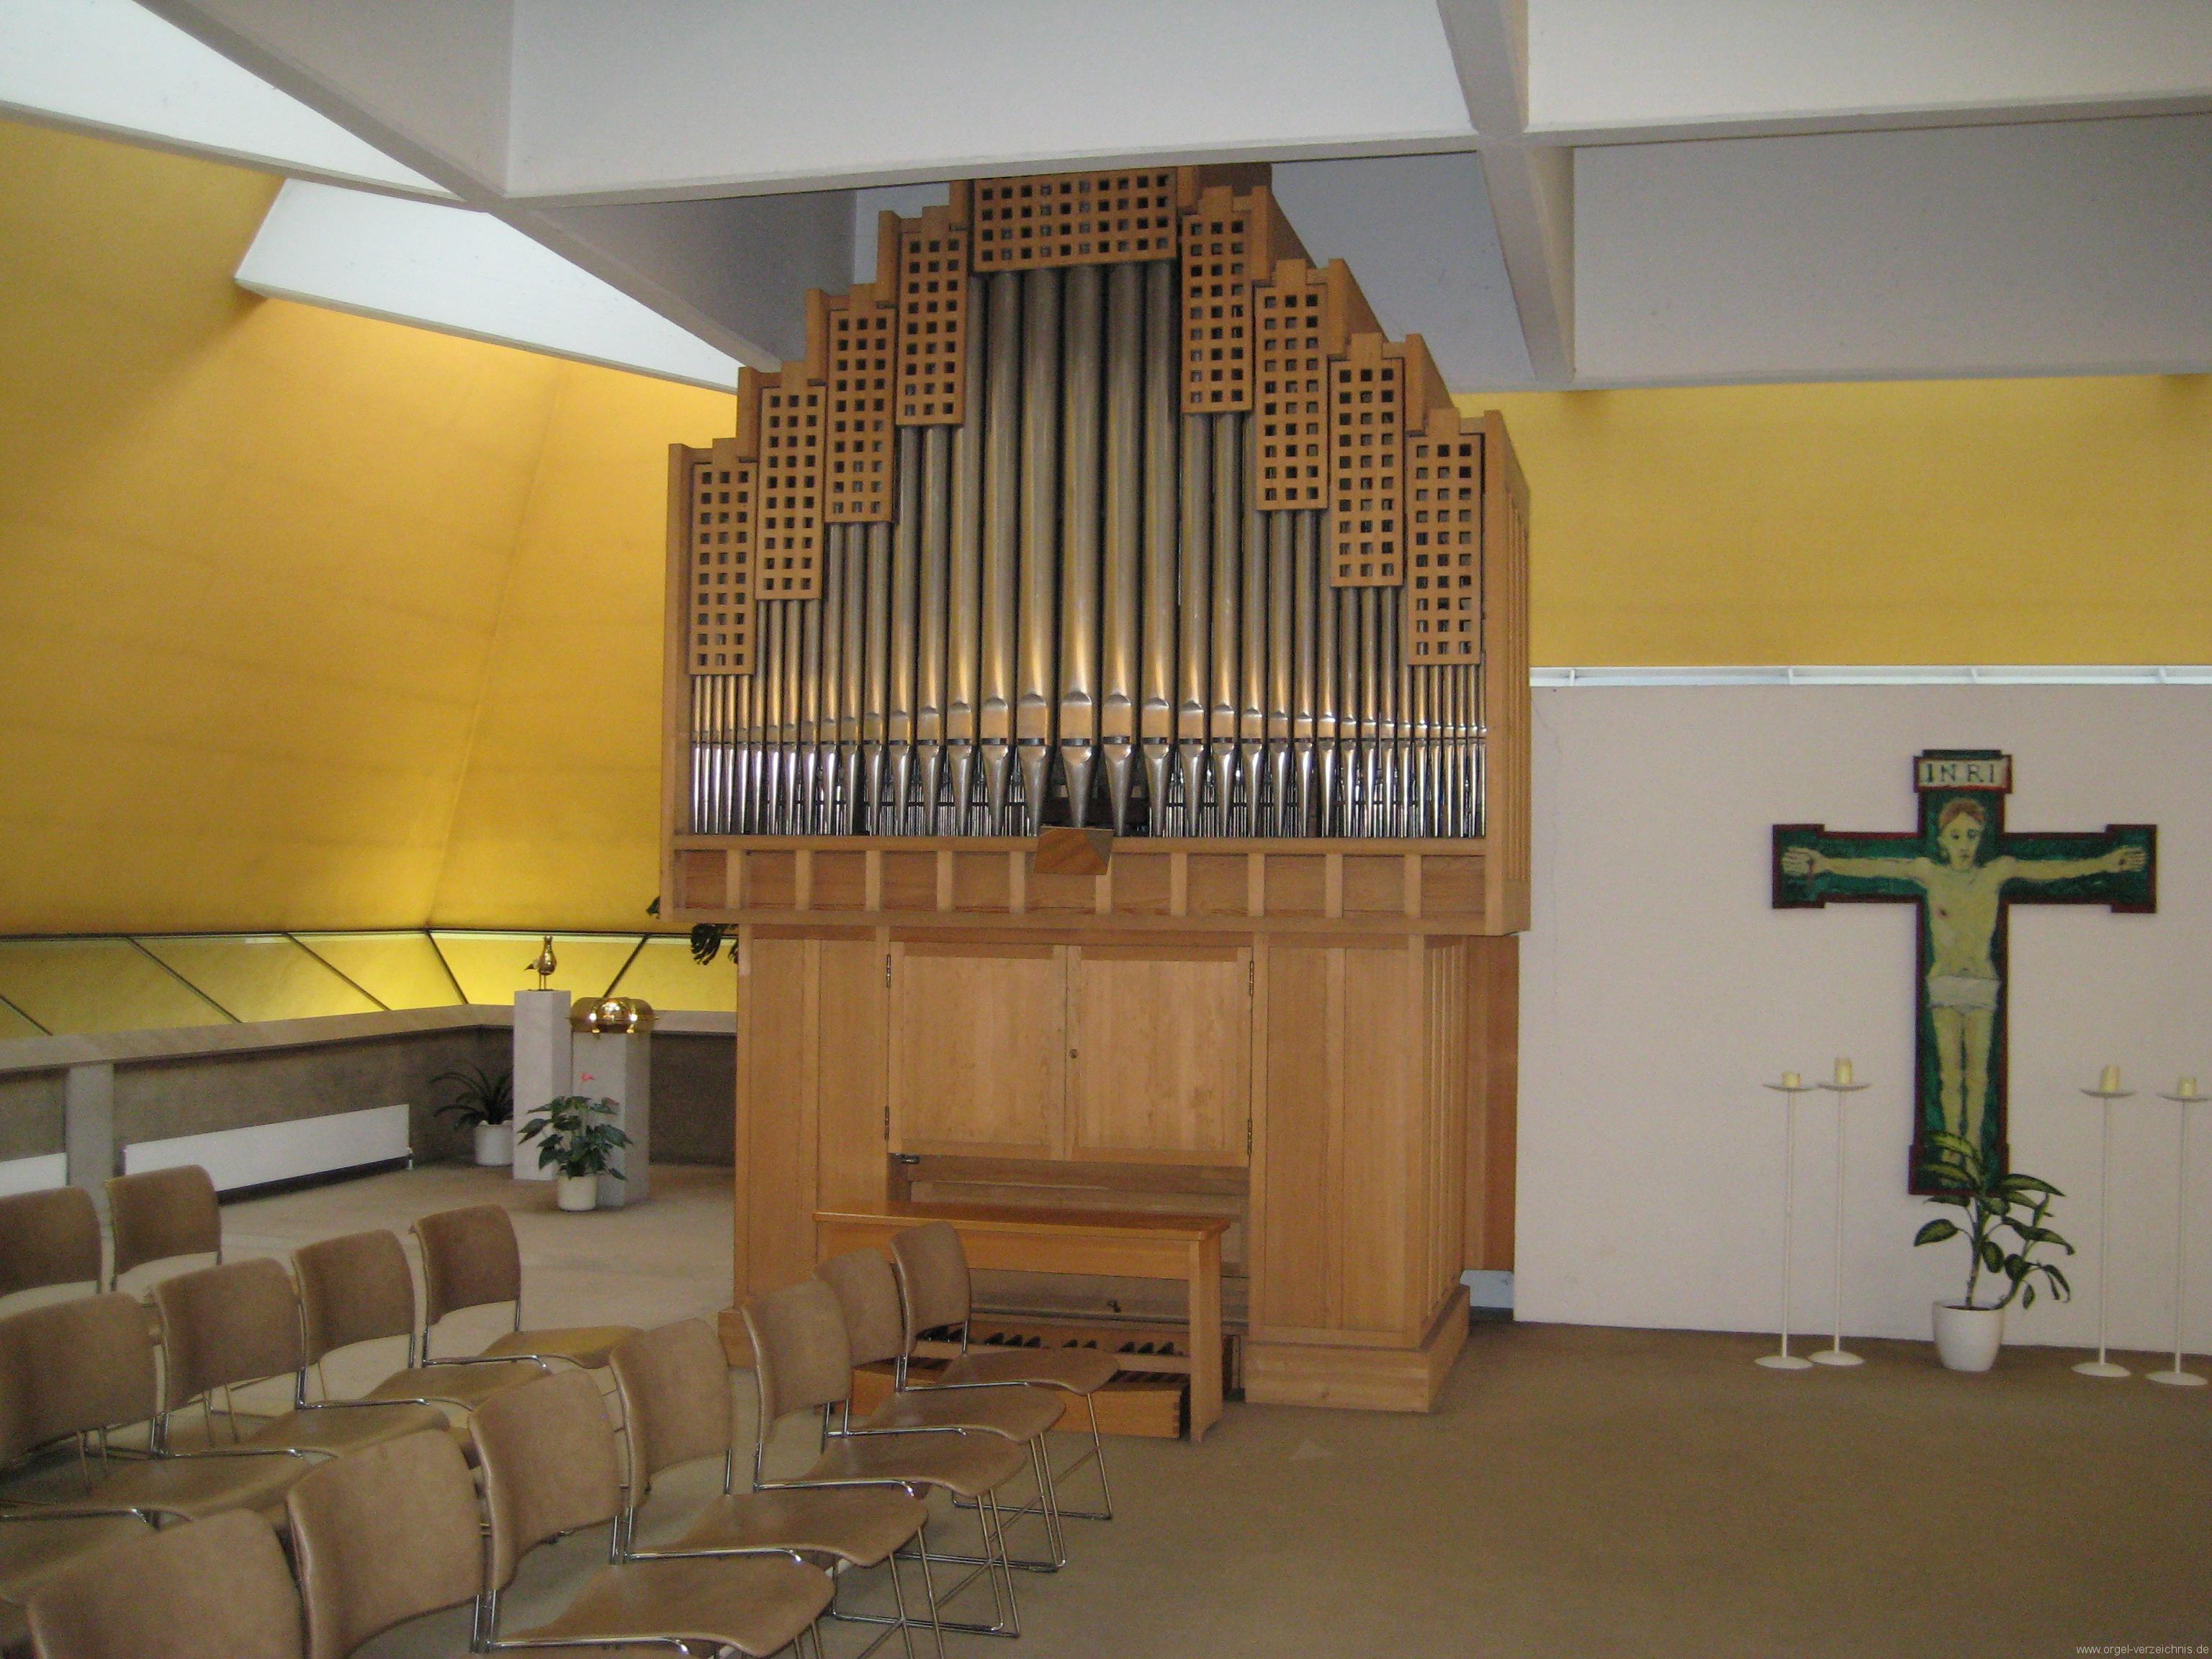 Innsbruck-Pradl-Süd - Pfarrkirche St. Norbert (1)